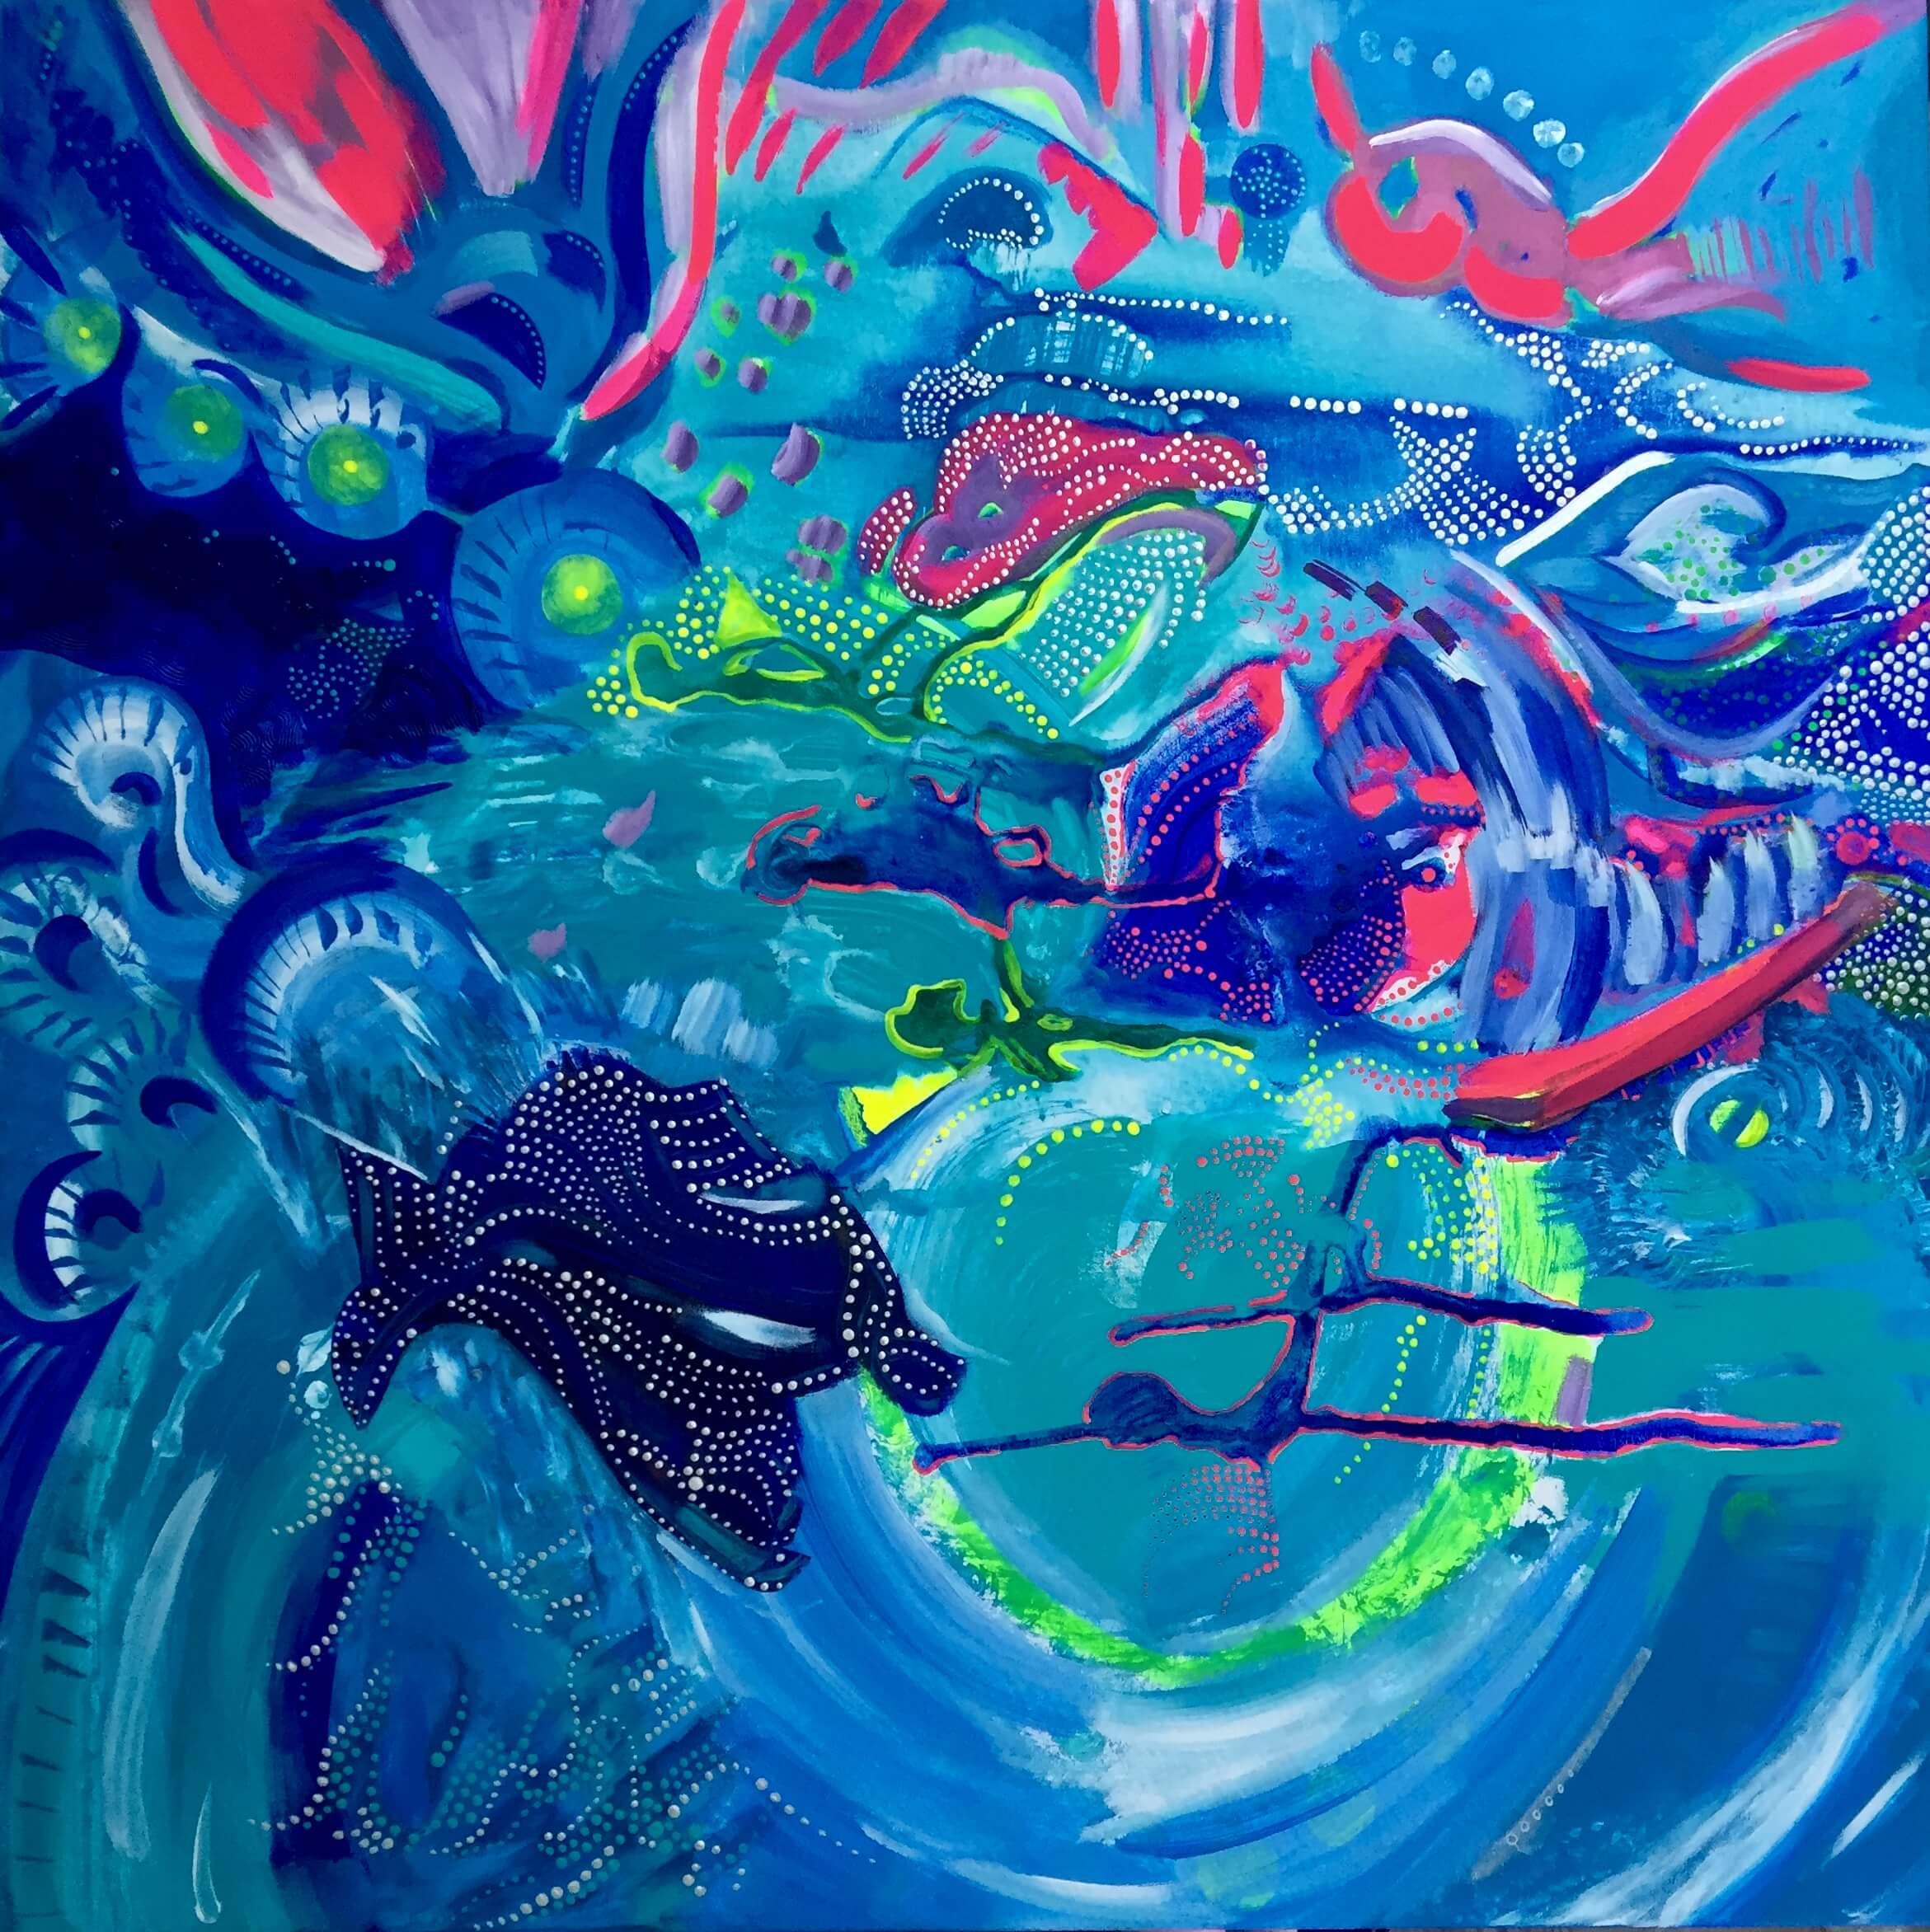 our ocean, ocean, obraz akrylowy, obrazy na sprzedaż, na ścianę, obraz, do salonu, wystrój wnętrz, dekorujemy dom, malarstwo abstrakcyjne, polska sztuka, polski artysta, oryginalny